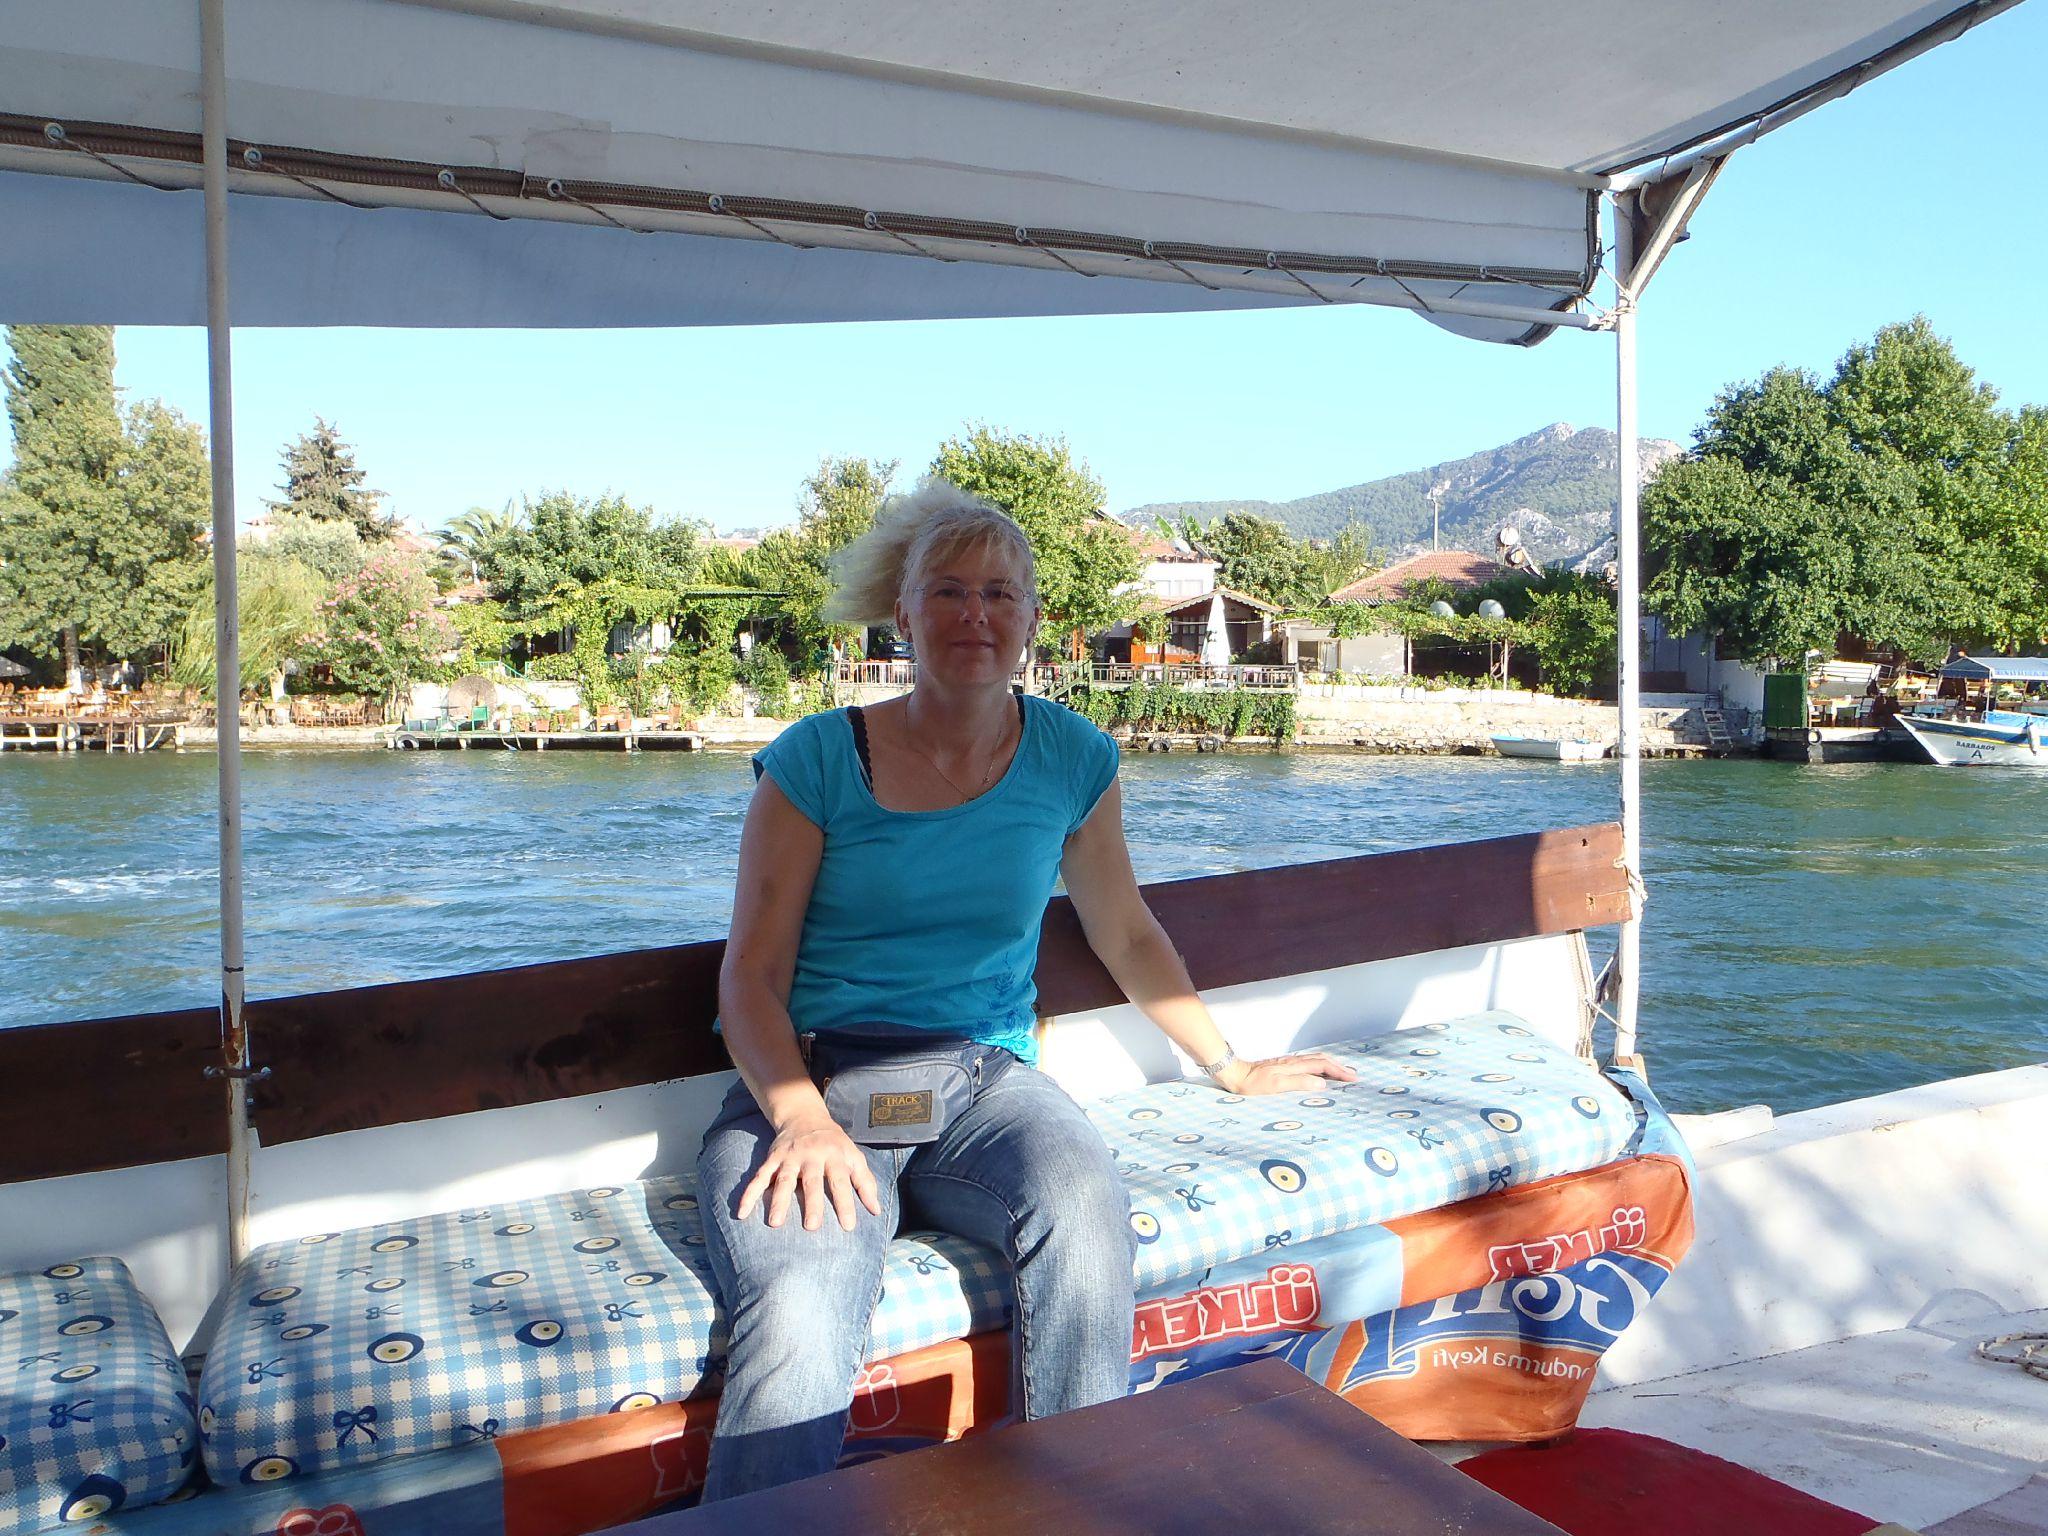 turquie : dalyan croisiere sur la riviere